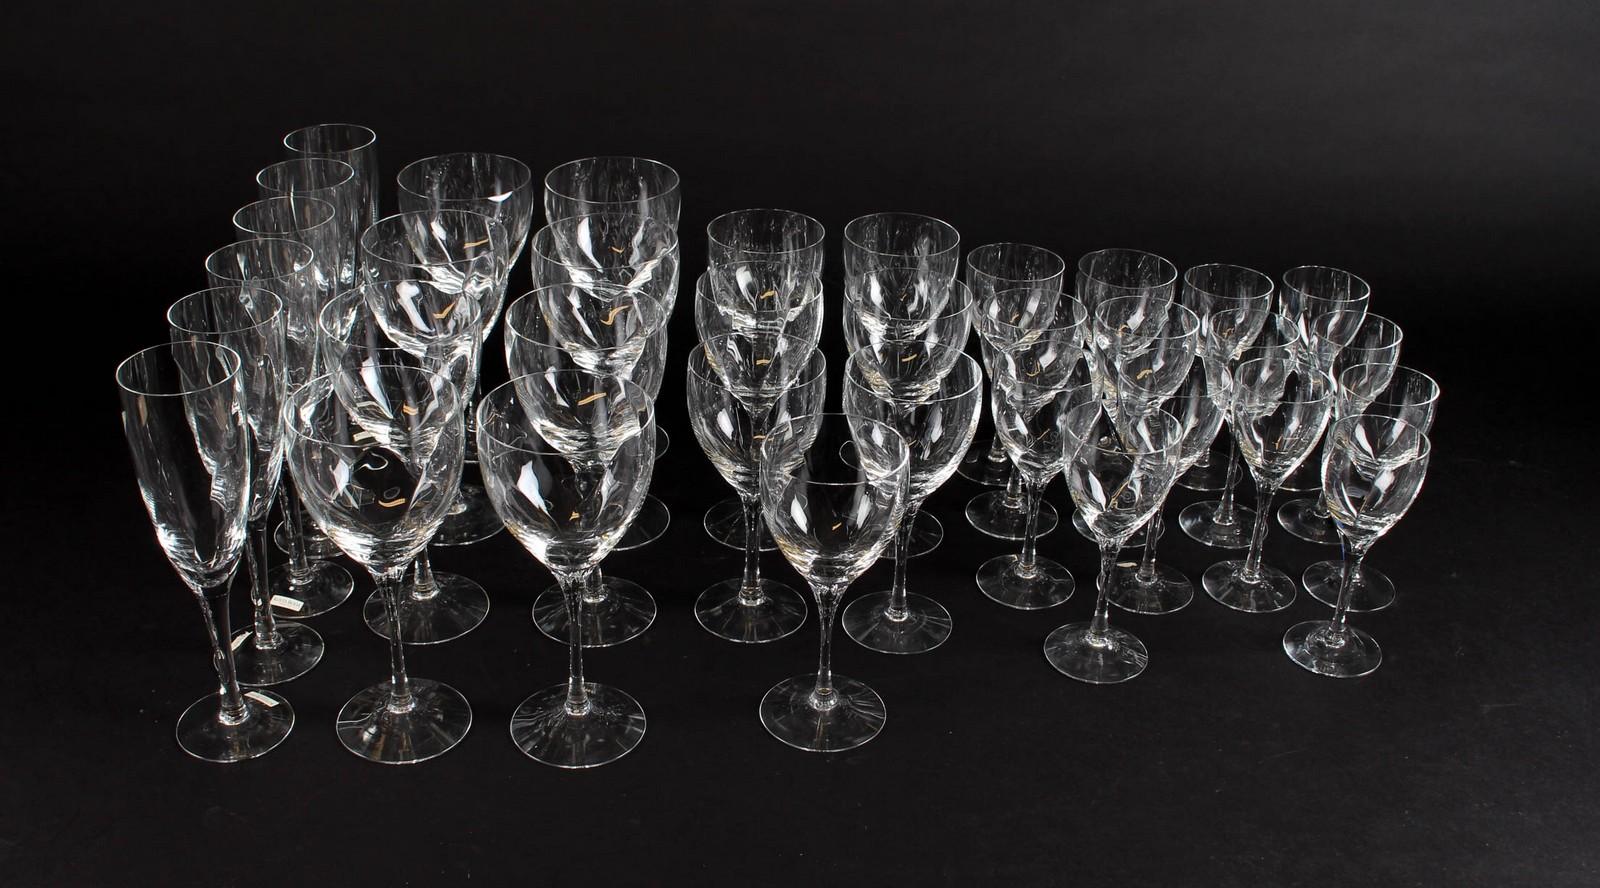 Kosta Boda. Glasbesætning, model Chateau - Kosta Boda. Glasbesætning, model Chateau bestående af: 6 rødvinsglas H. 20 cm, 8 hvidvinsglas H. 17,5 cm, 7 portvinsglas H. 16 cm, 7 sherryglas H. 16 cm. Fremstår med almindelig brugsspor